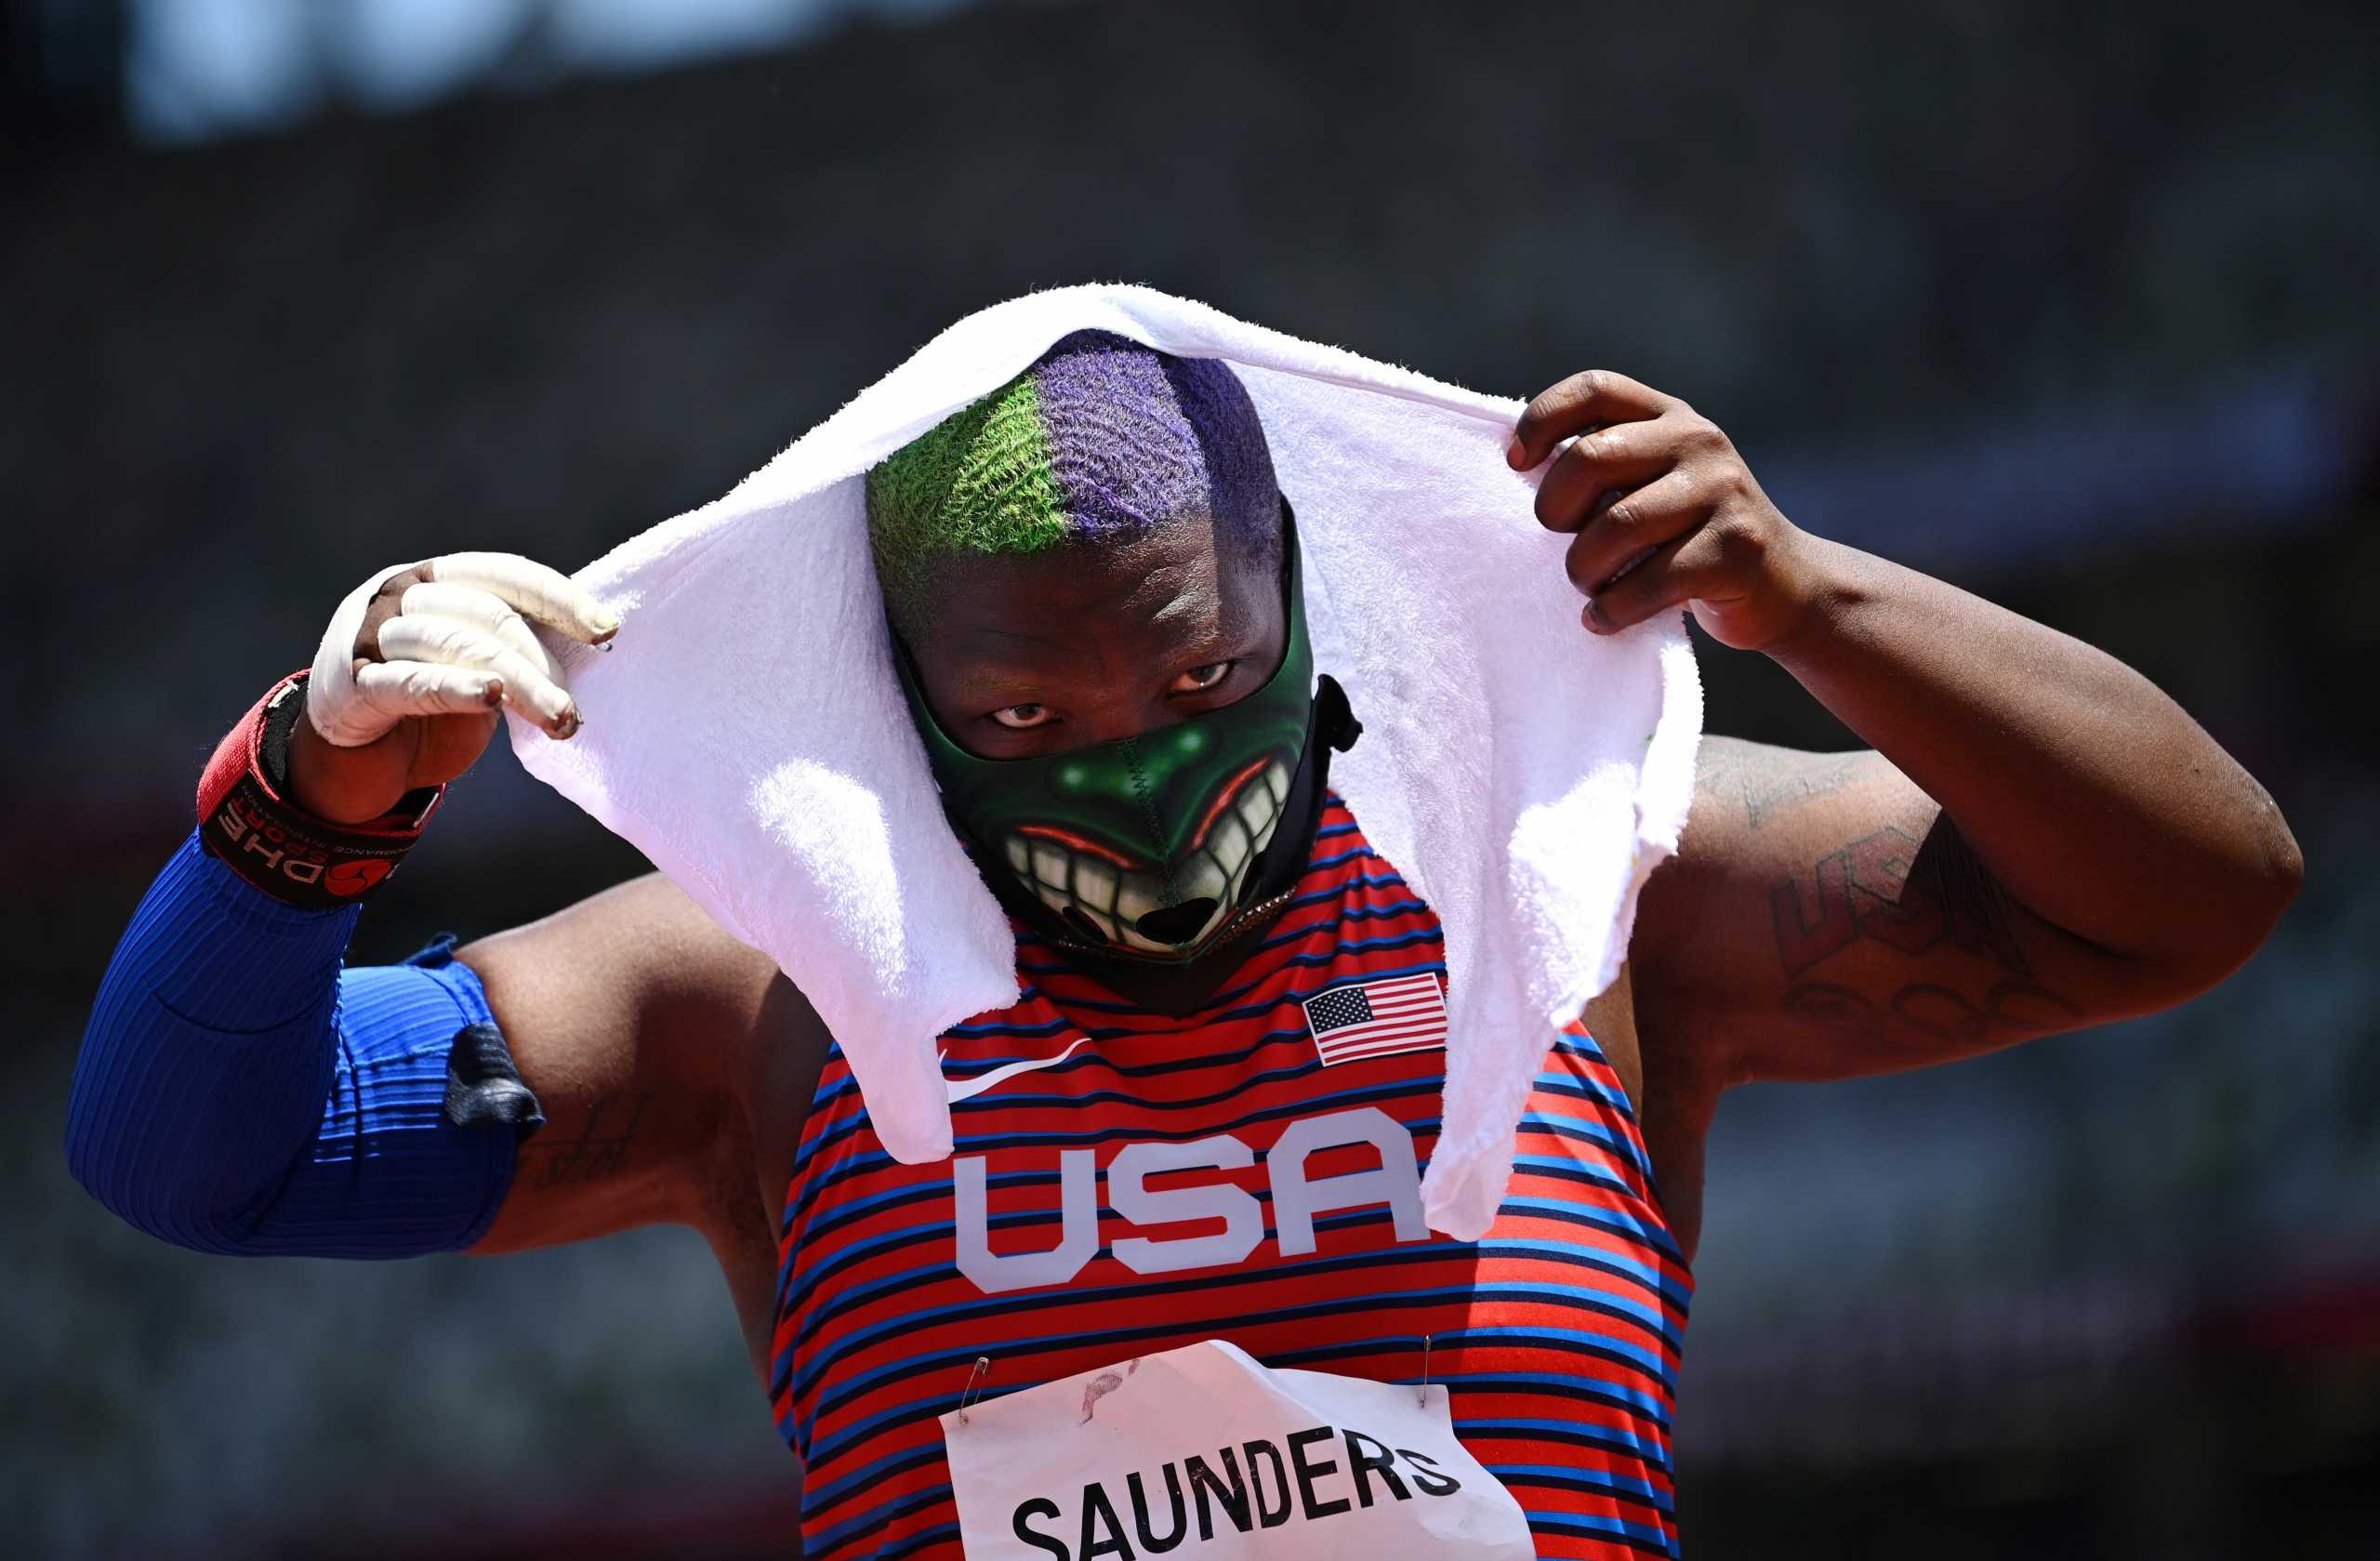 Ολυμπιακοί Αγώνες: Συγκλόνισε η Ρέιβεν Σόντερς, «ήμουν 15 λεπτά μακριά από την αυτοκτονία»